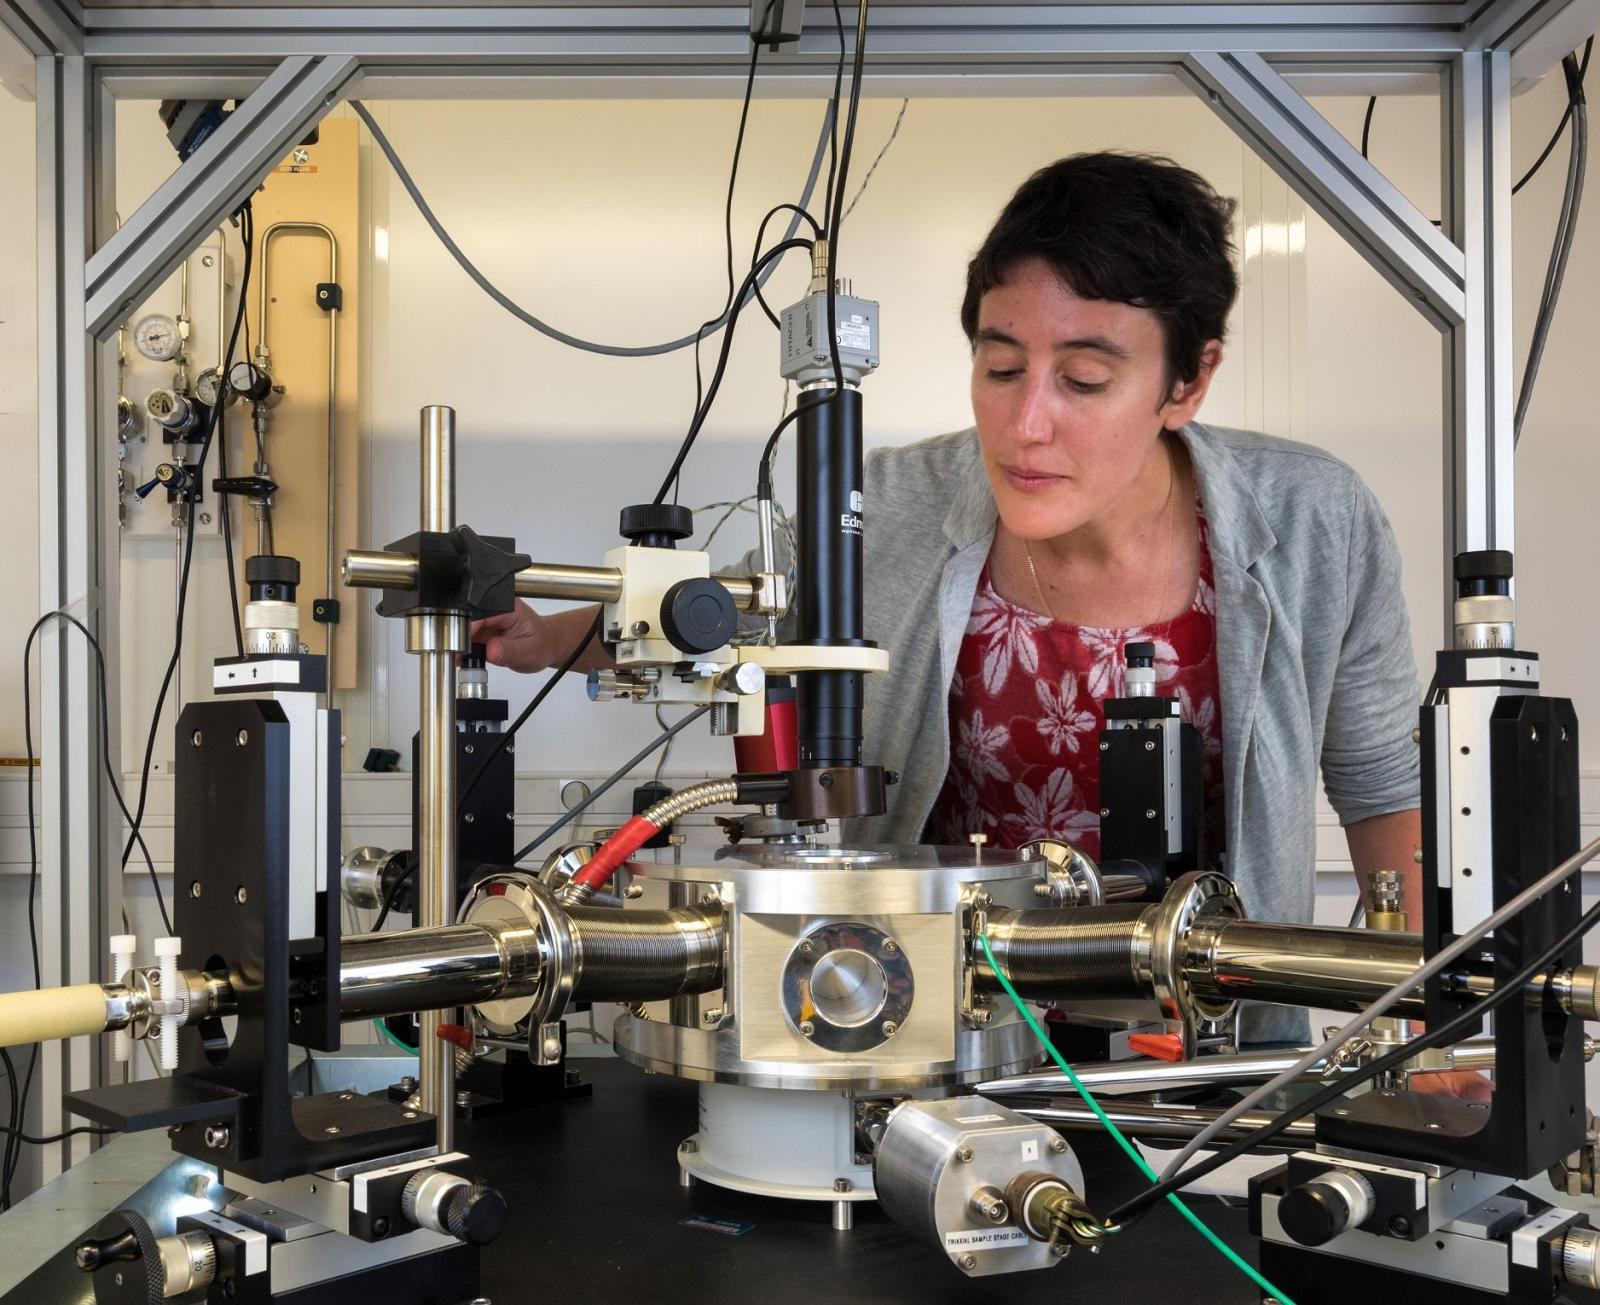 Julie Grollier, una de las artífices de esta investigación, en su laboratorio. Foto: L. Thion Ecliptique. Thales